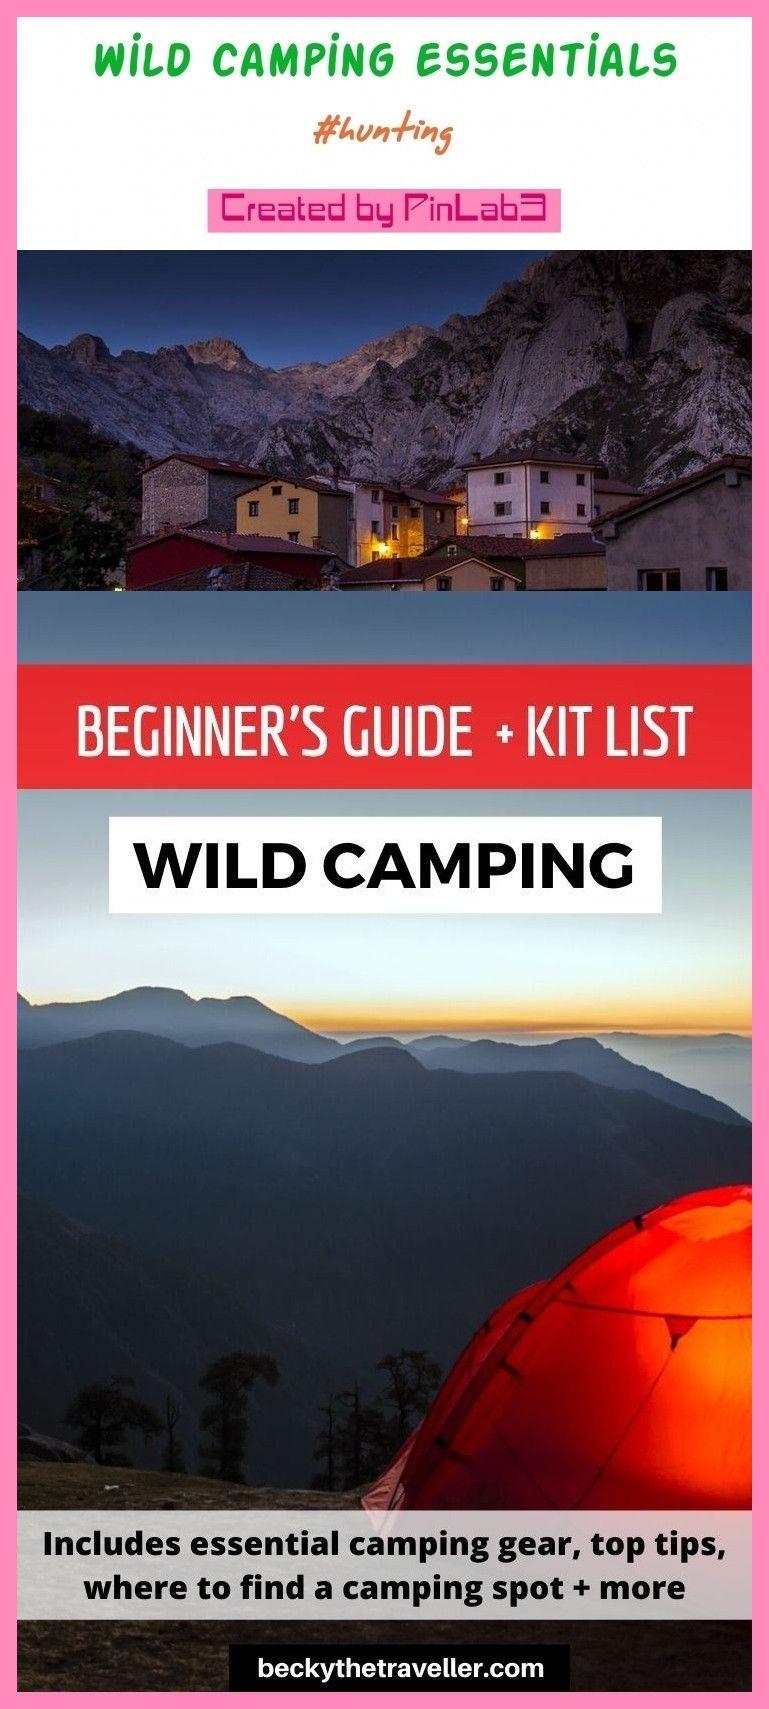 Wild camping essentials #camping #essentials wilde Camping ...